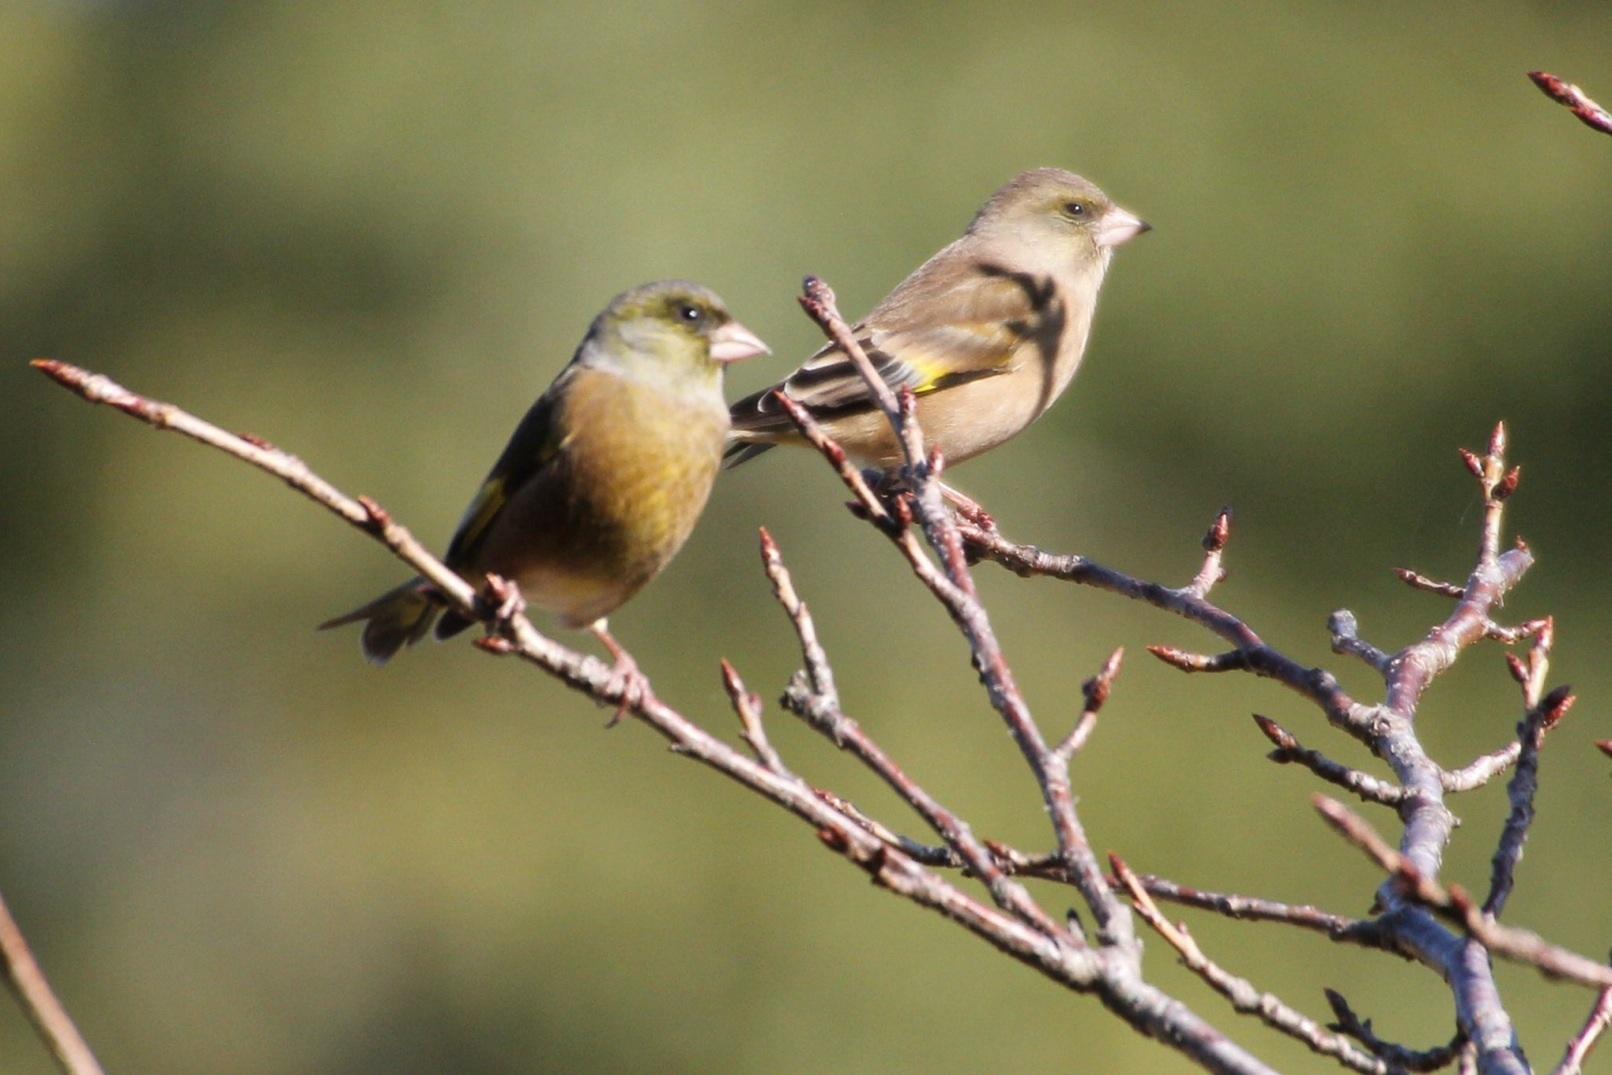 2013.11.27 冬鳥やっぱり少ないです・里山公園・ジョウビタキ、カワラヒワ、ノスリ_c0269342_18035477.jpg